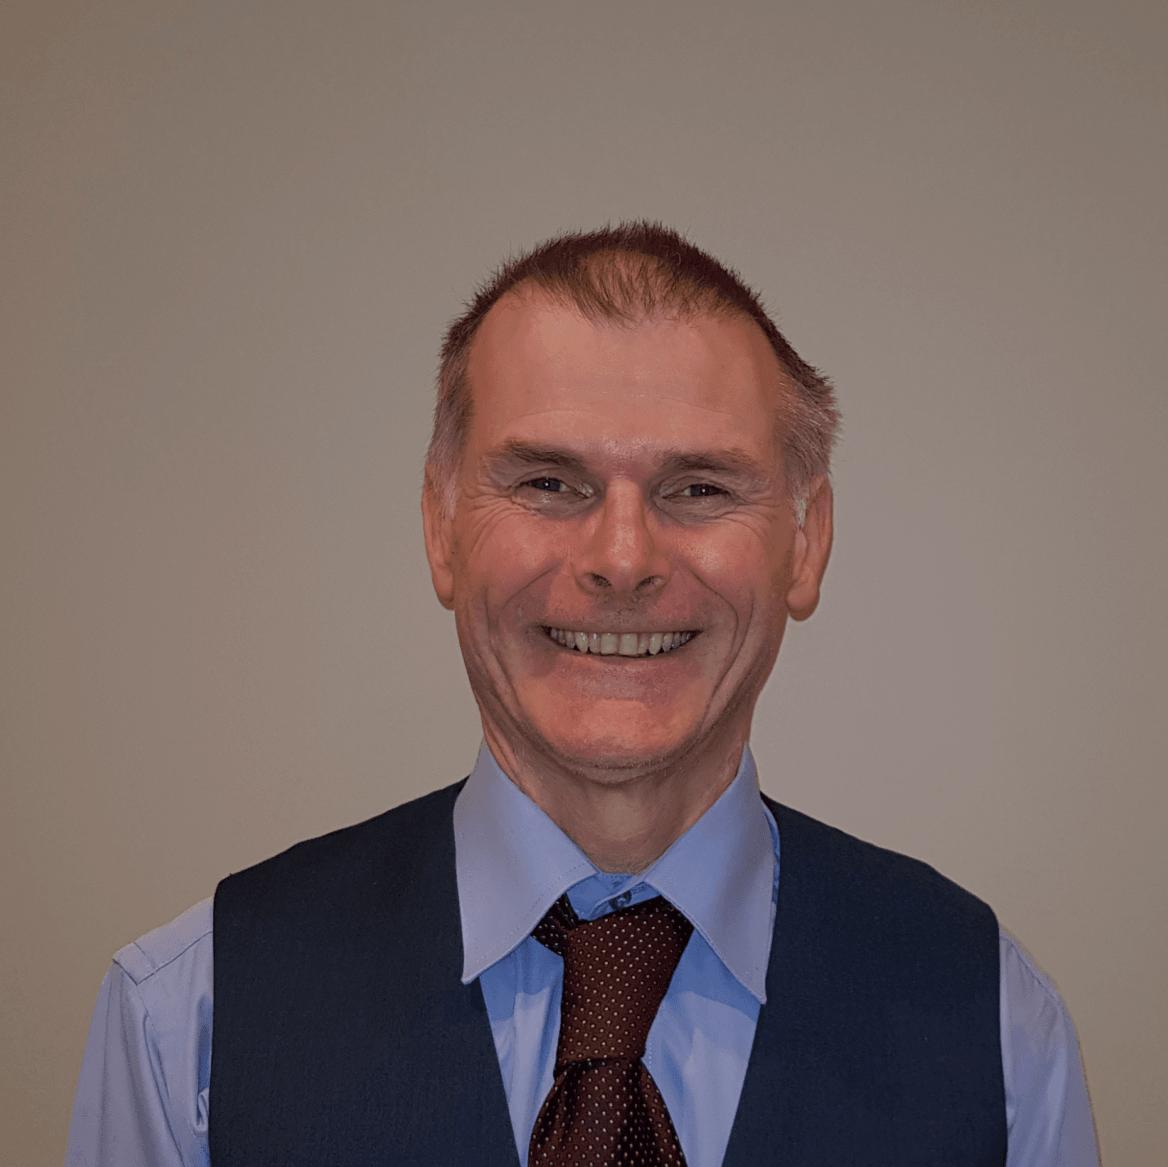 Harry Smith at Nicolson Accountancy